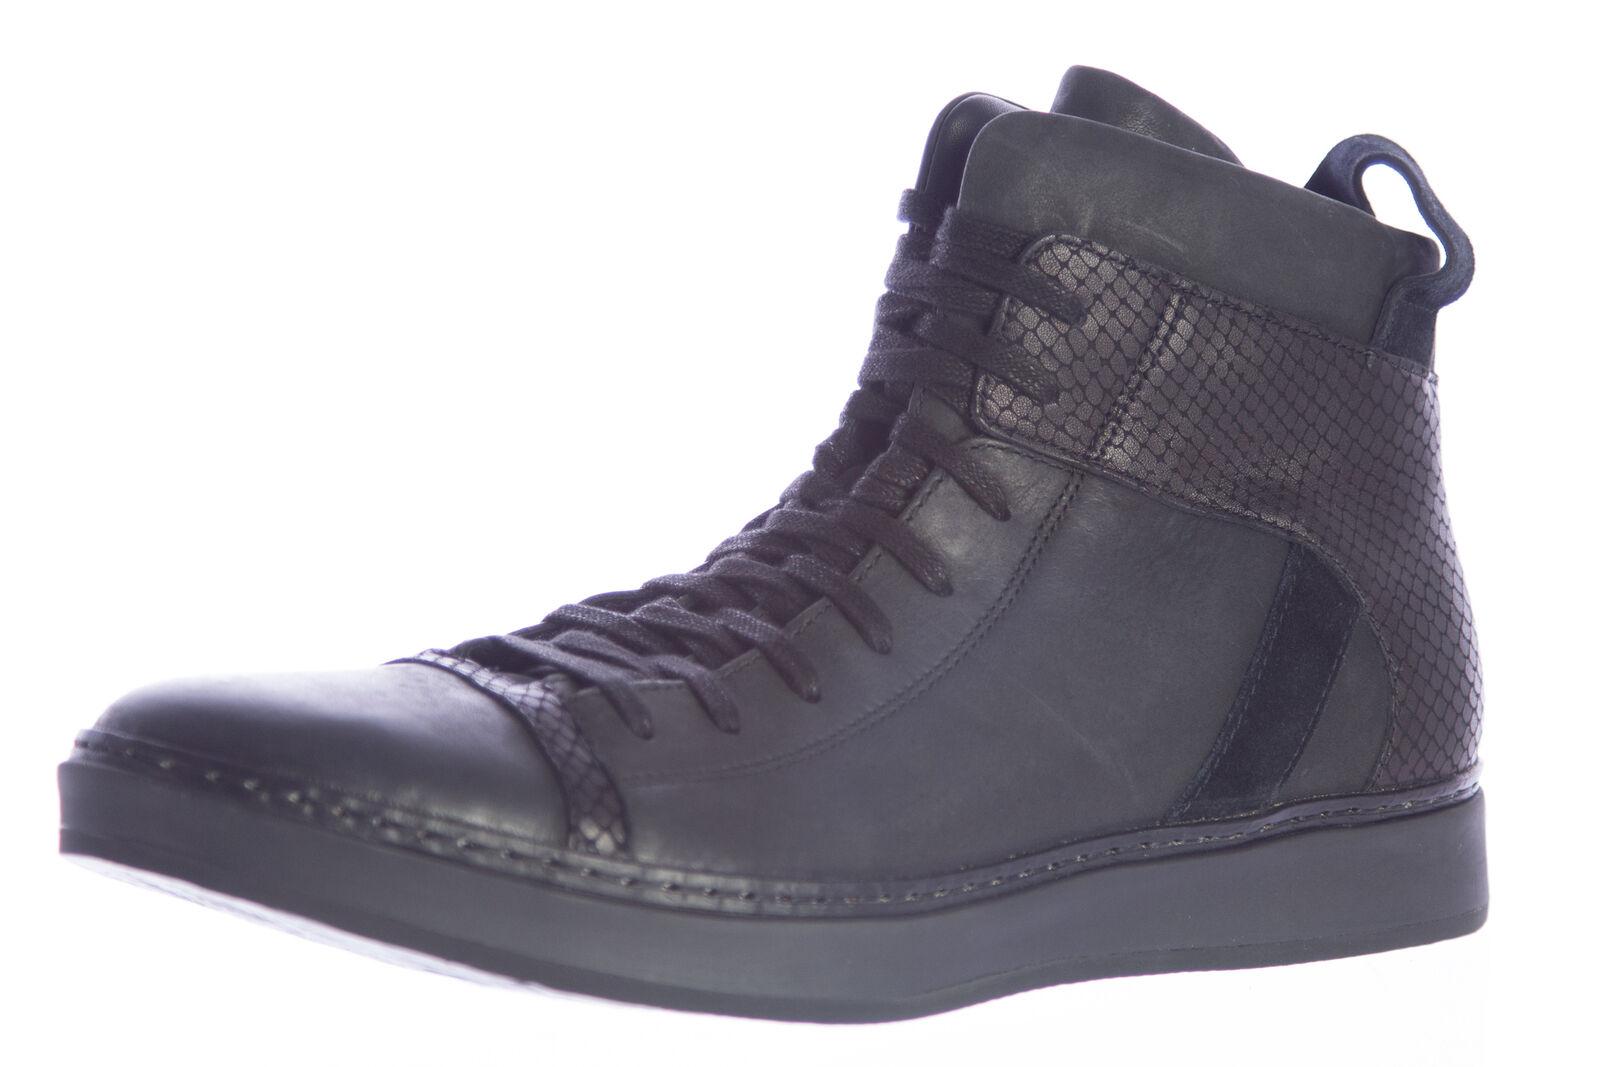 JOHN VARVATOS 315 Men's Black Leather Mac Hi-Top Sneakers F2166P3  498 NEW